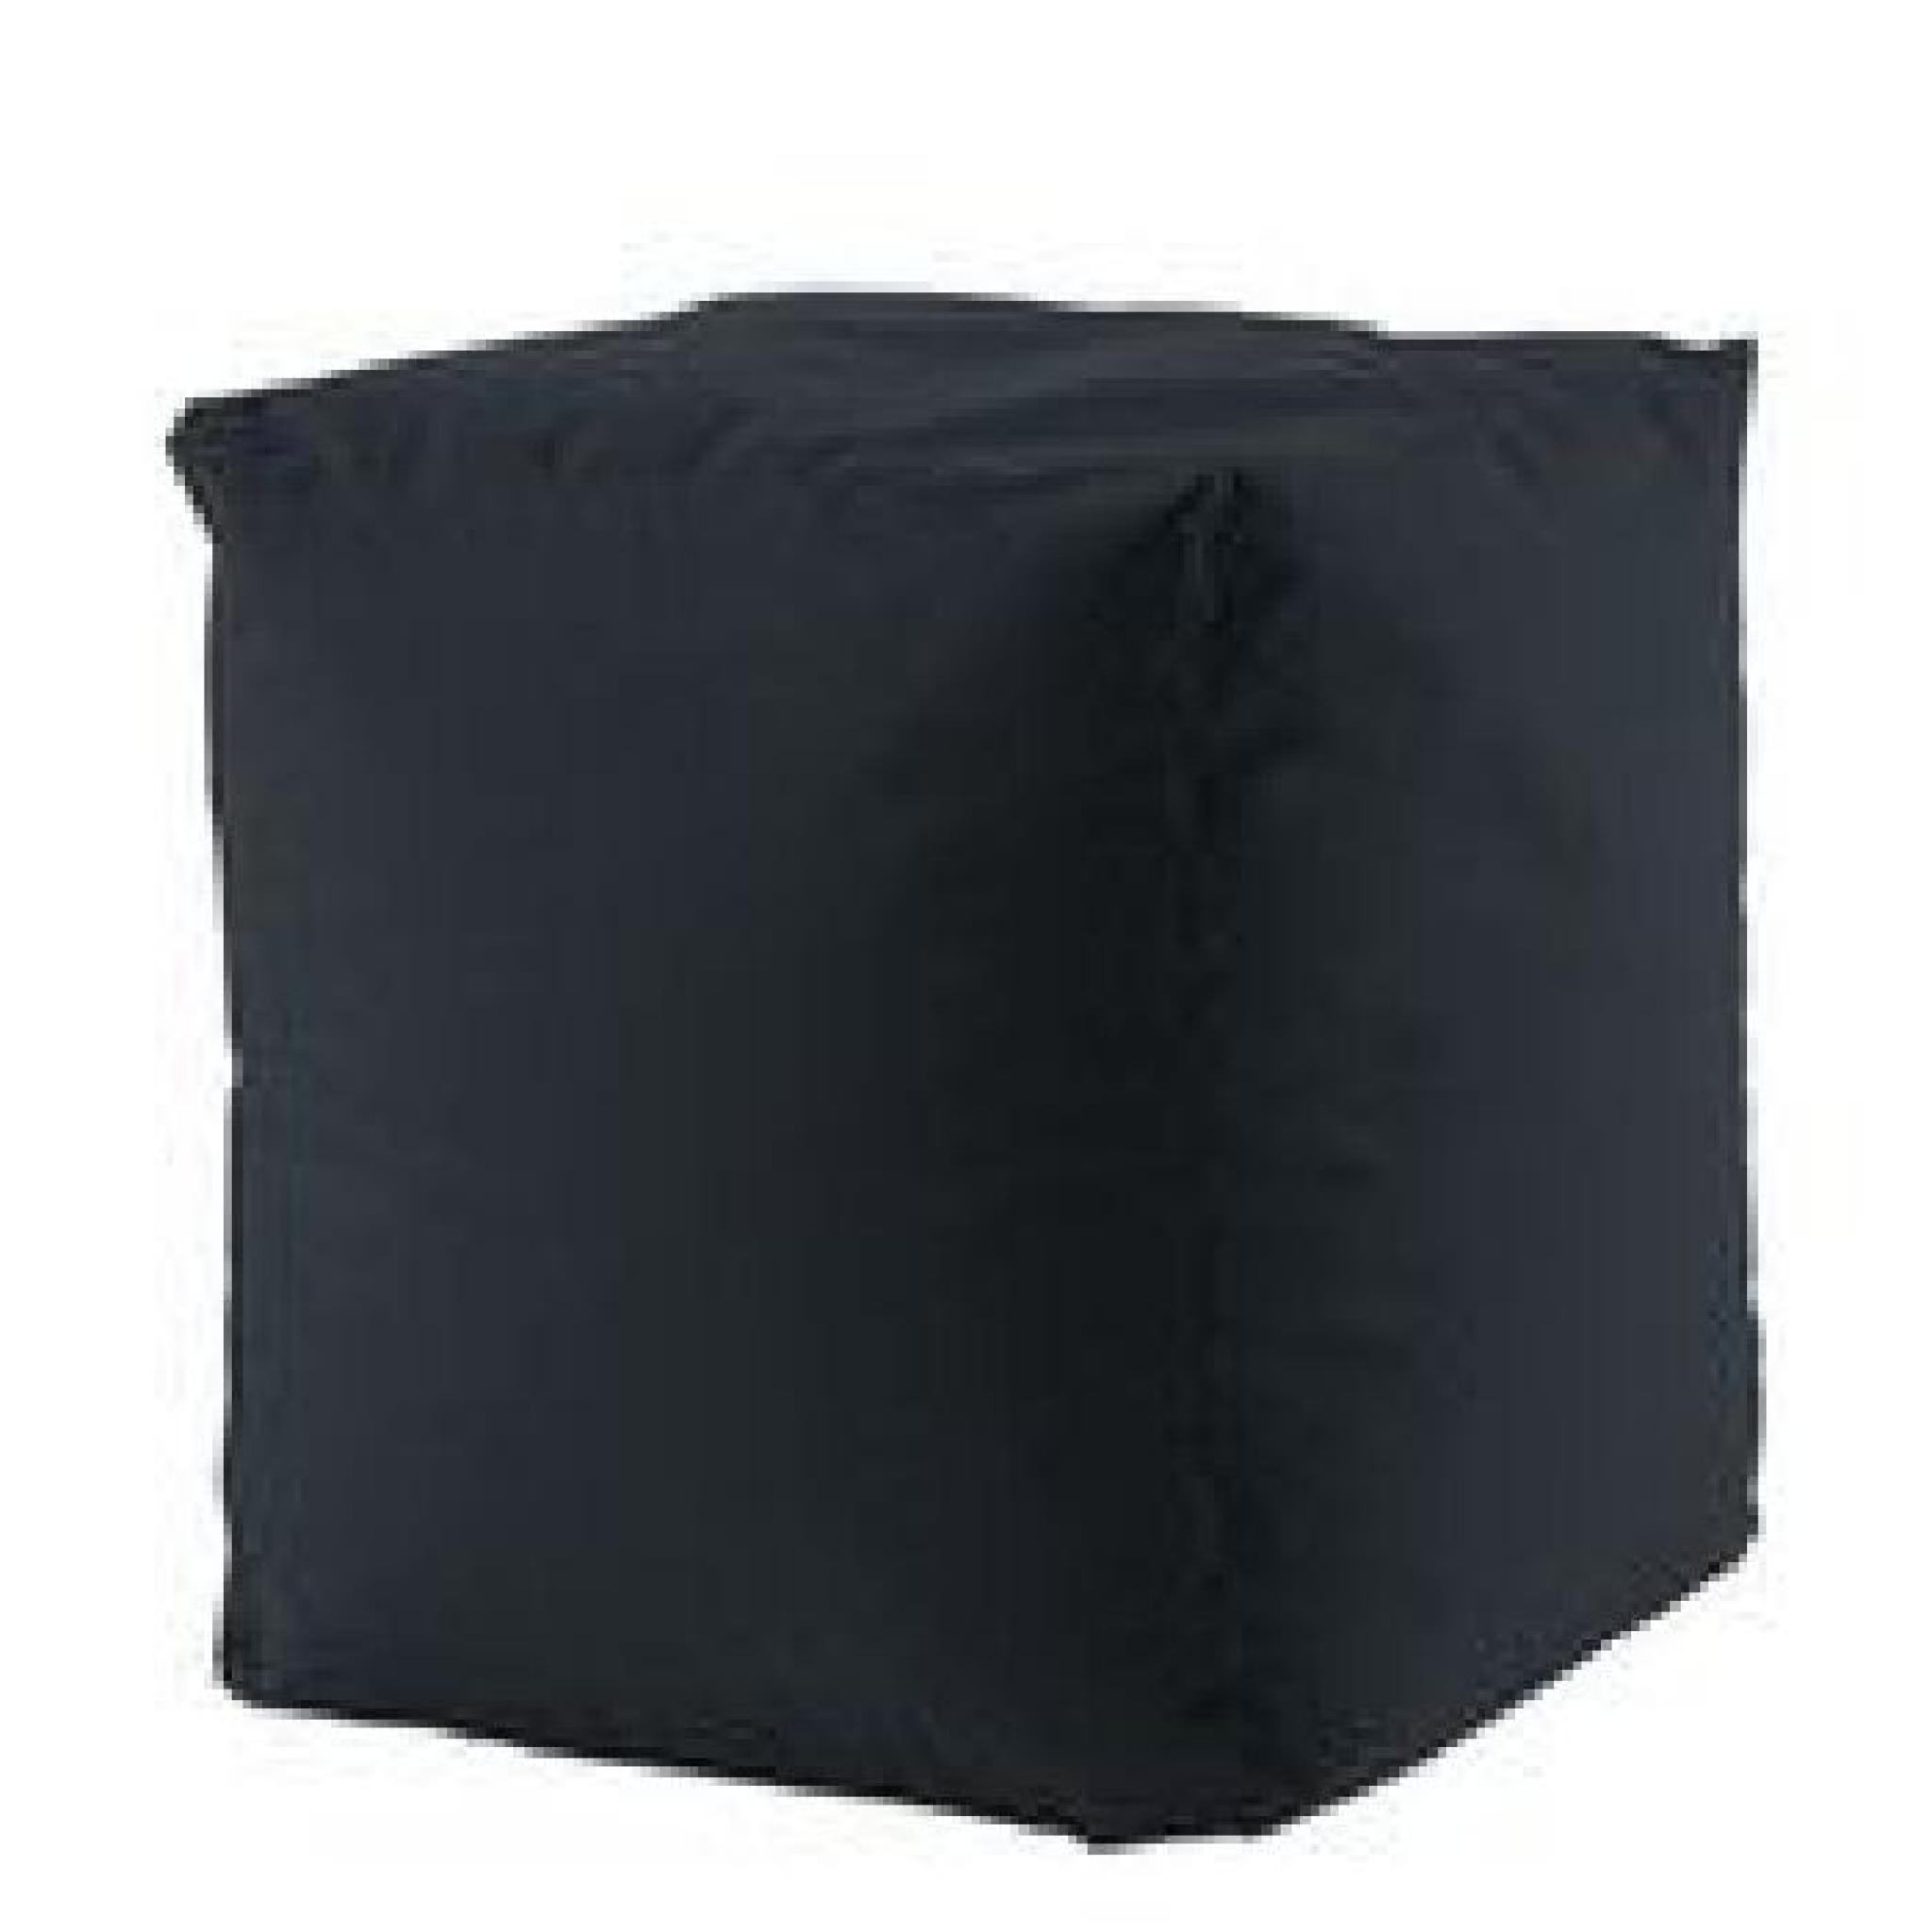 pouf outdoor square noir achat vente pouf exterieur pas. Black Bedroom Furniture Sets. Home Design Ideas